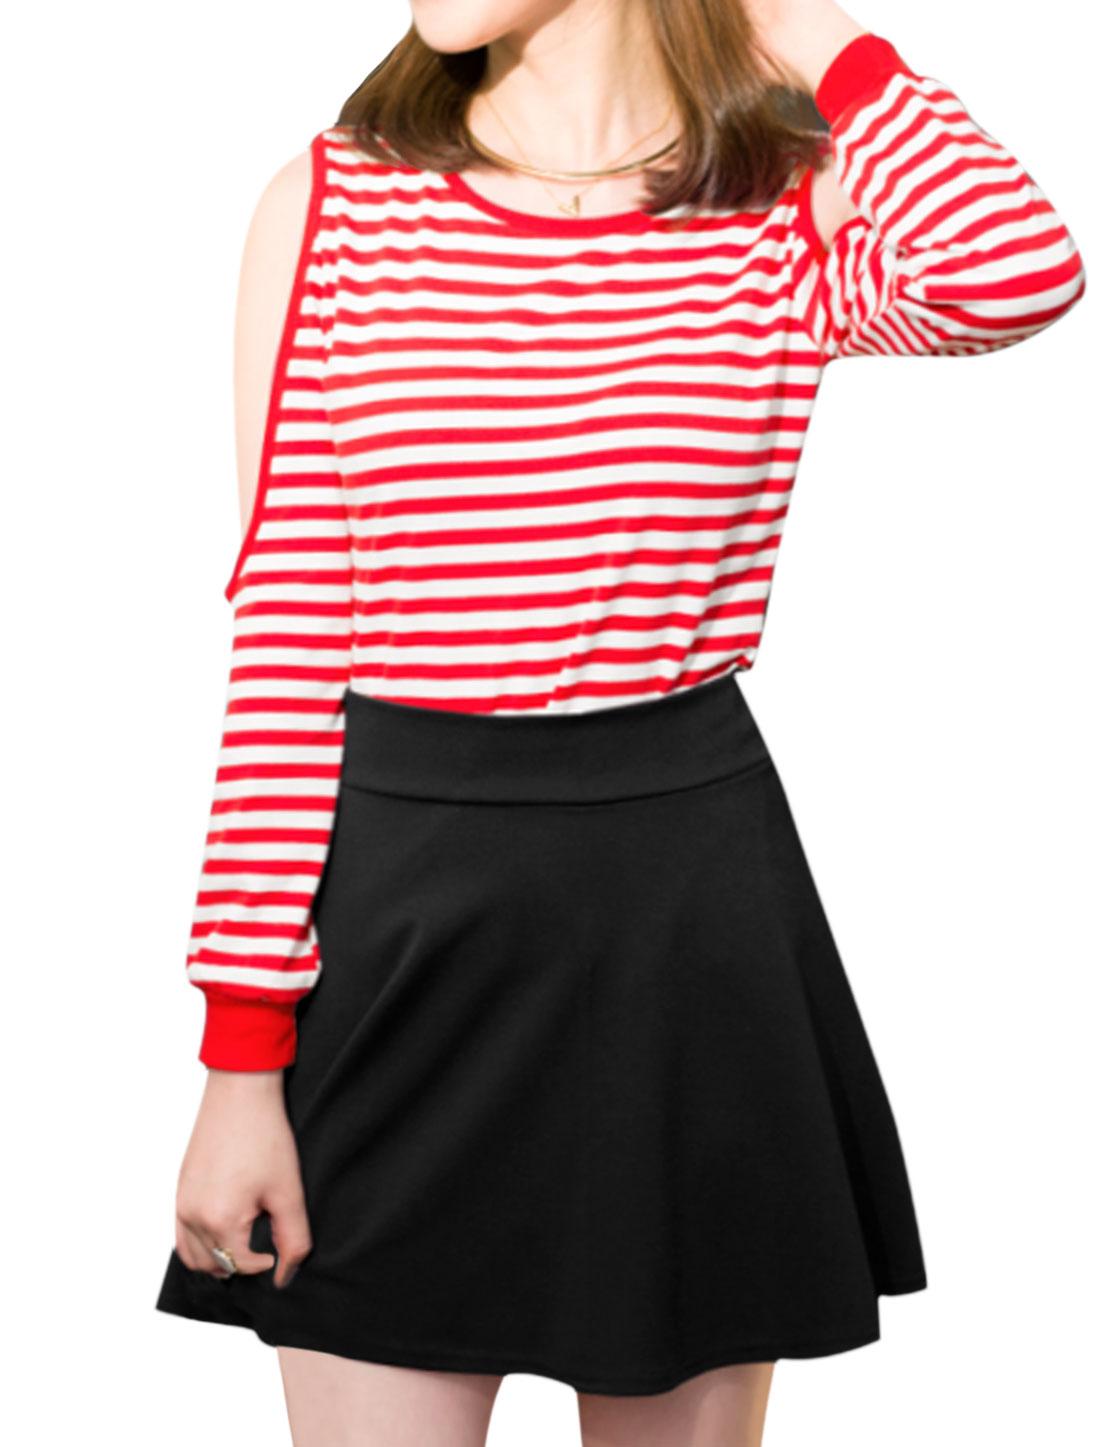 Women-Cut-Out-Shoulder-Stripes-Top-w-High-Waist-A-Line-Skirt-Set